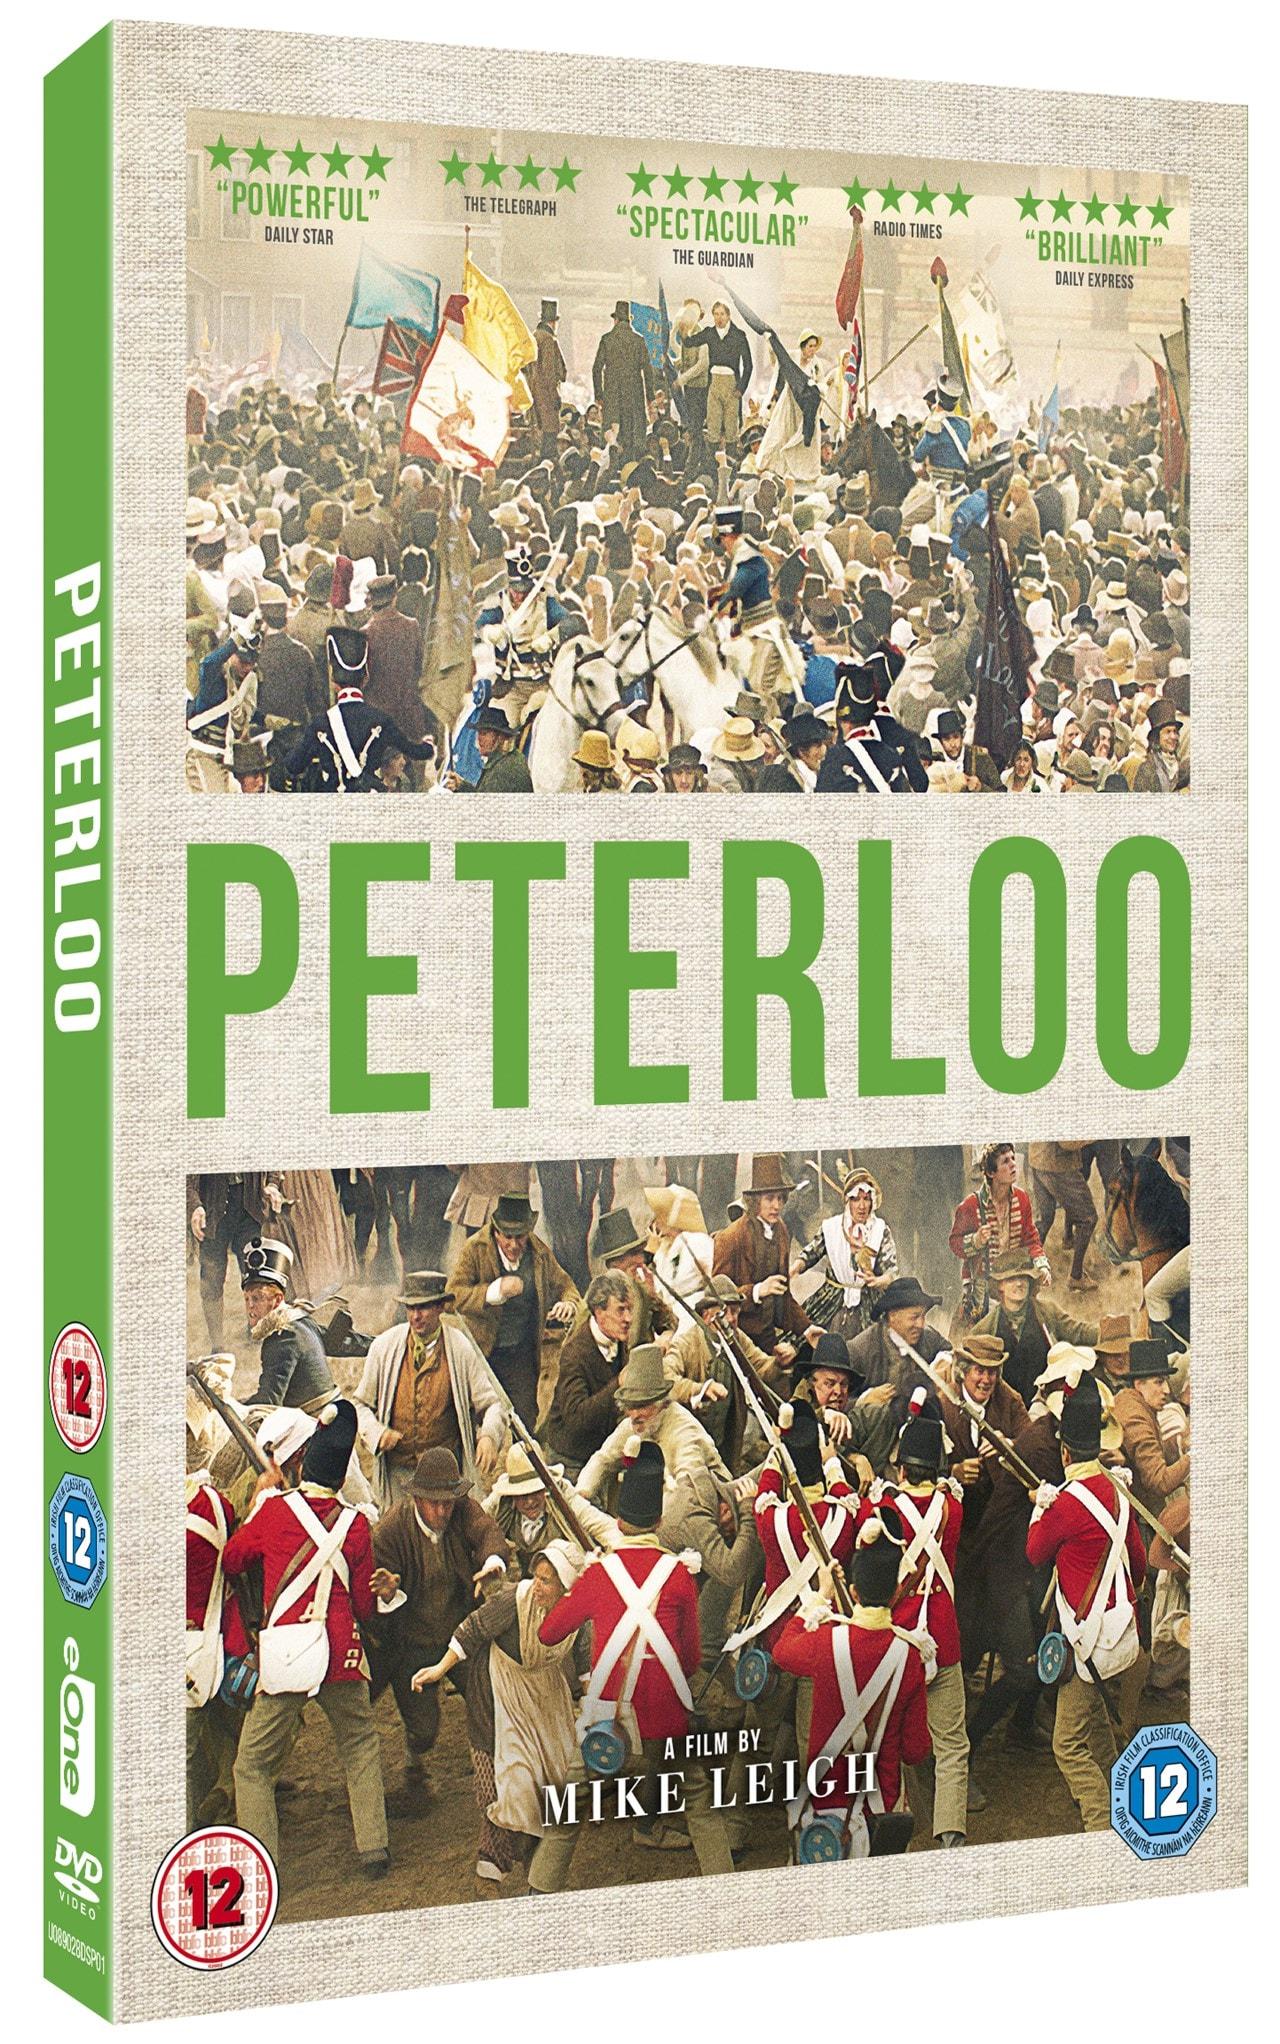 Peterloo - 2